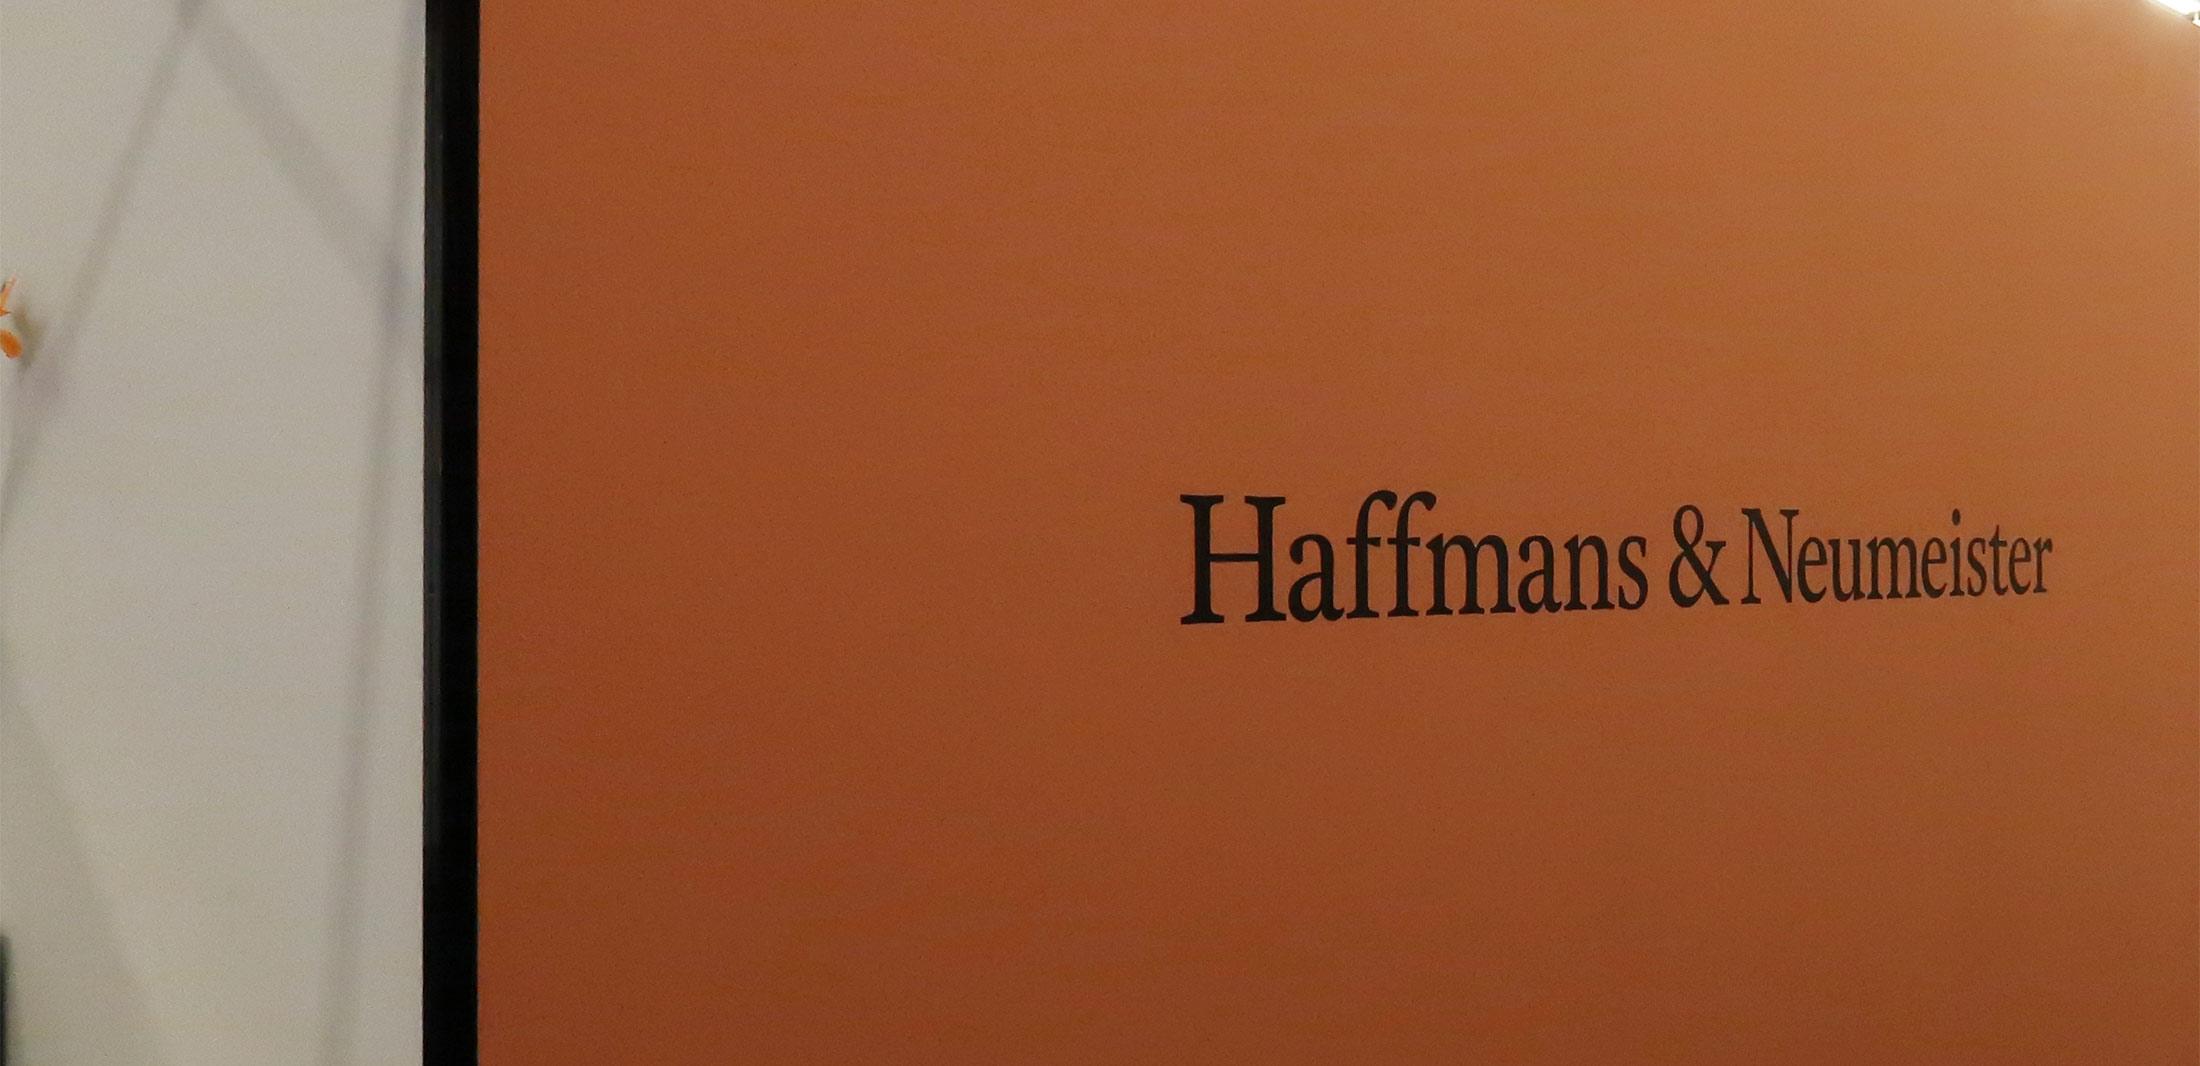 ハフマン&ノイマイスター 4